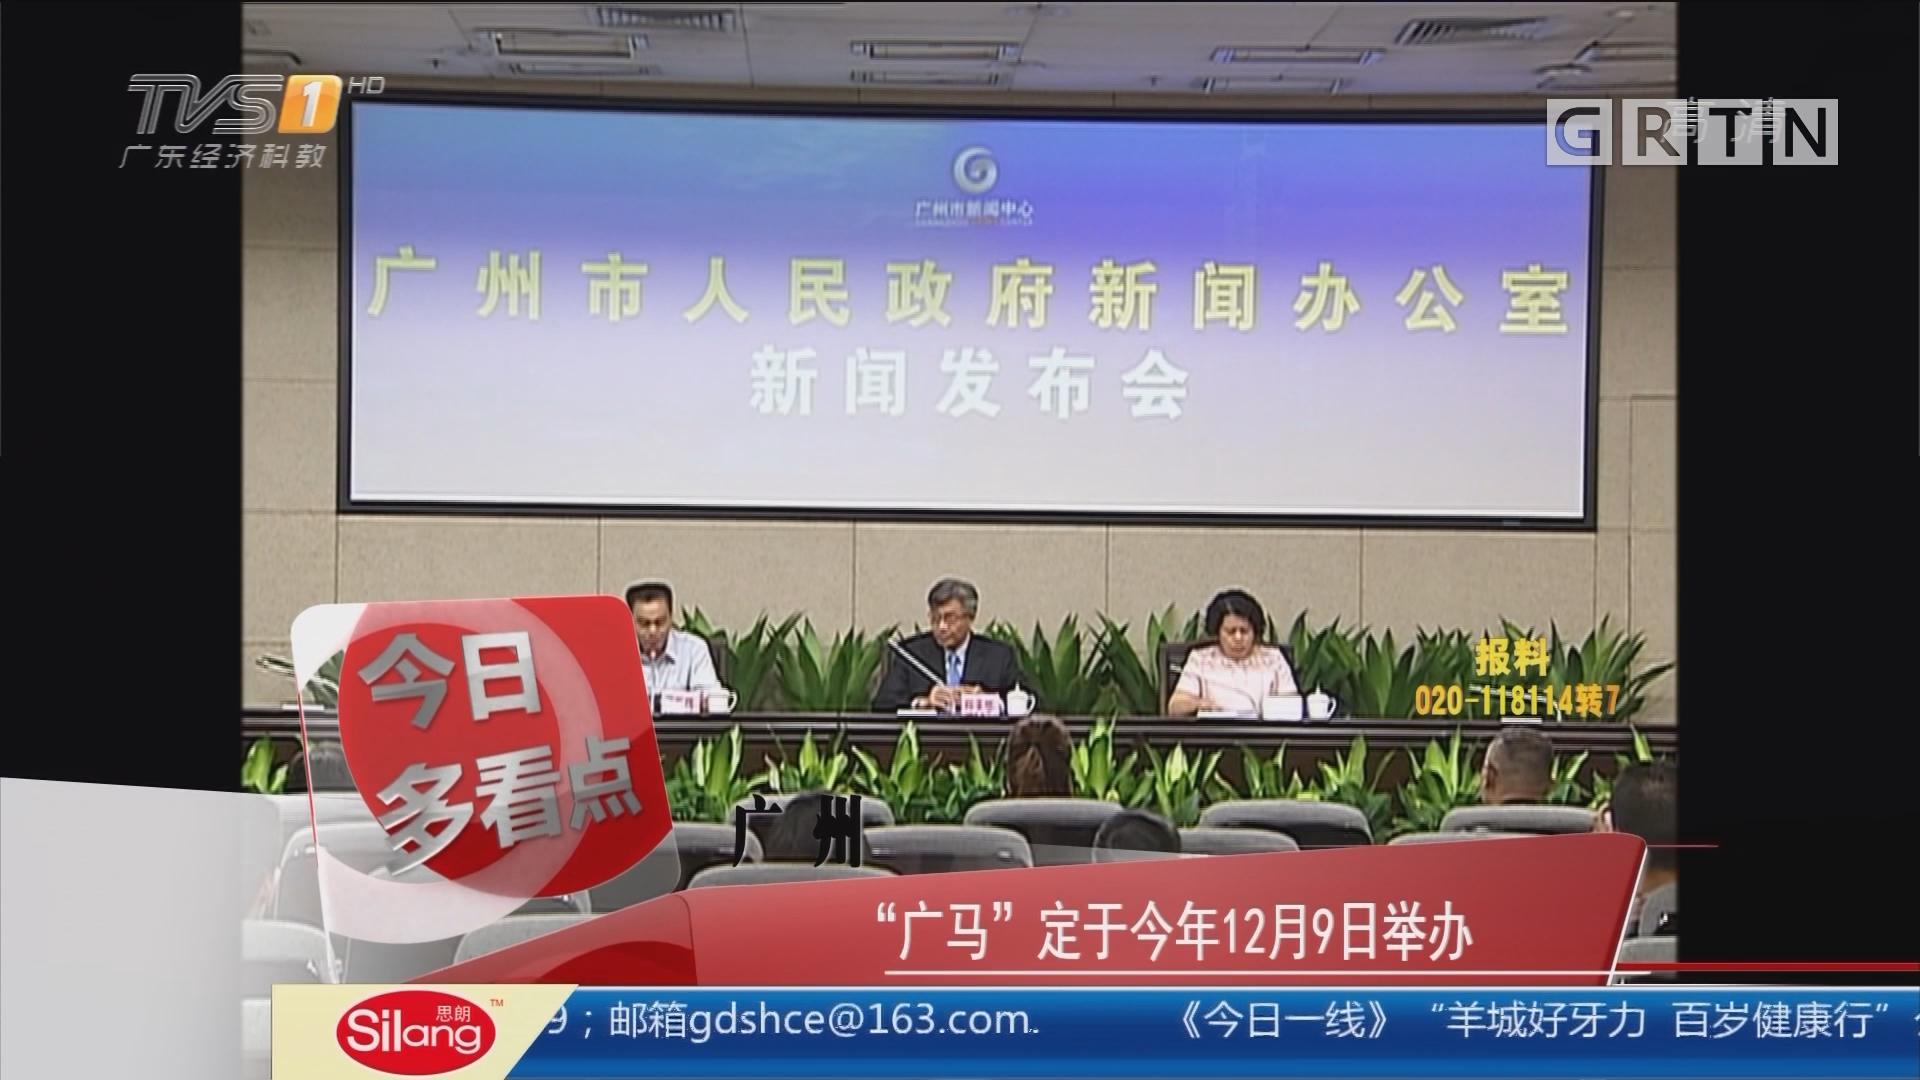 """广州:""""广马""""定于今年12月9日举办"""